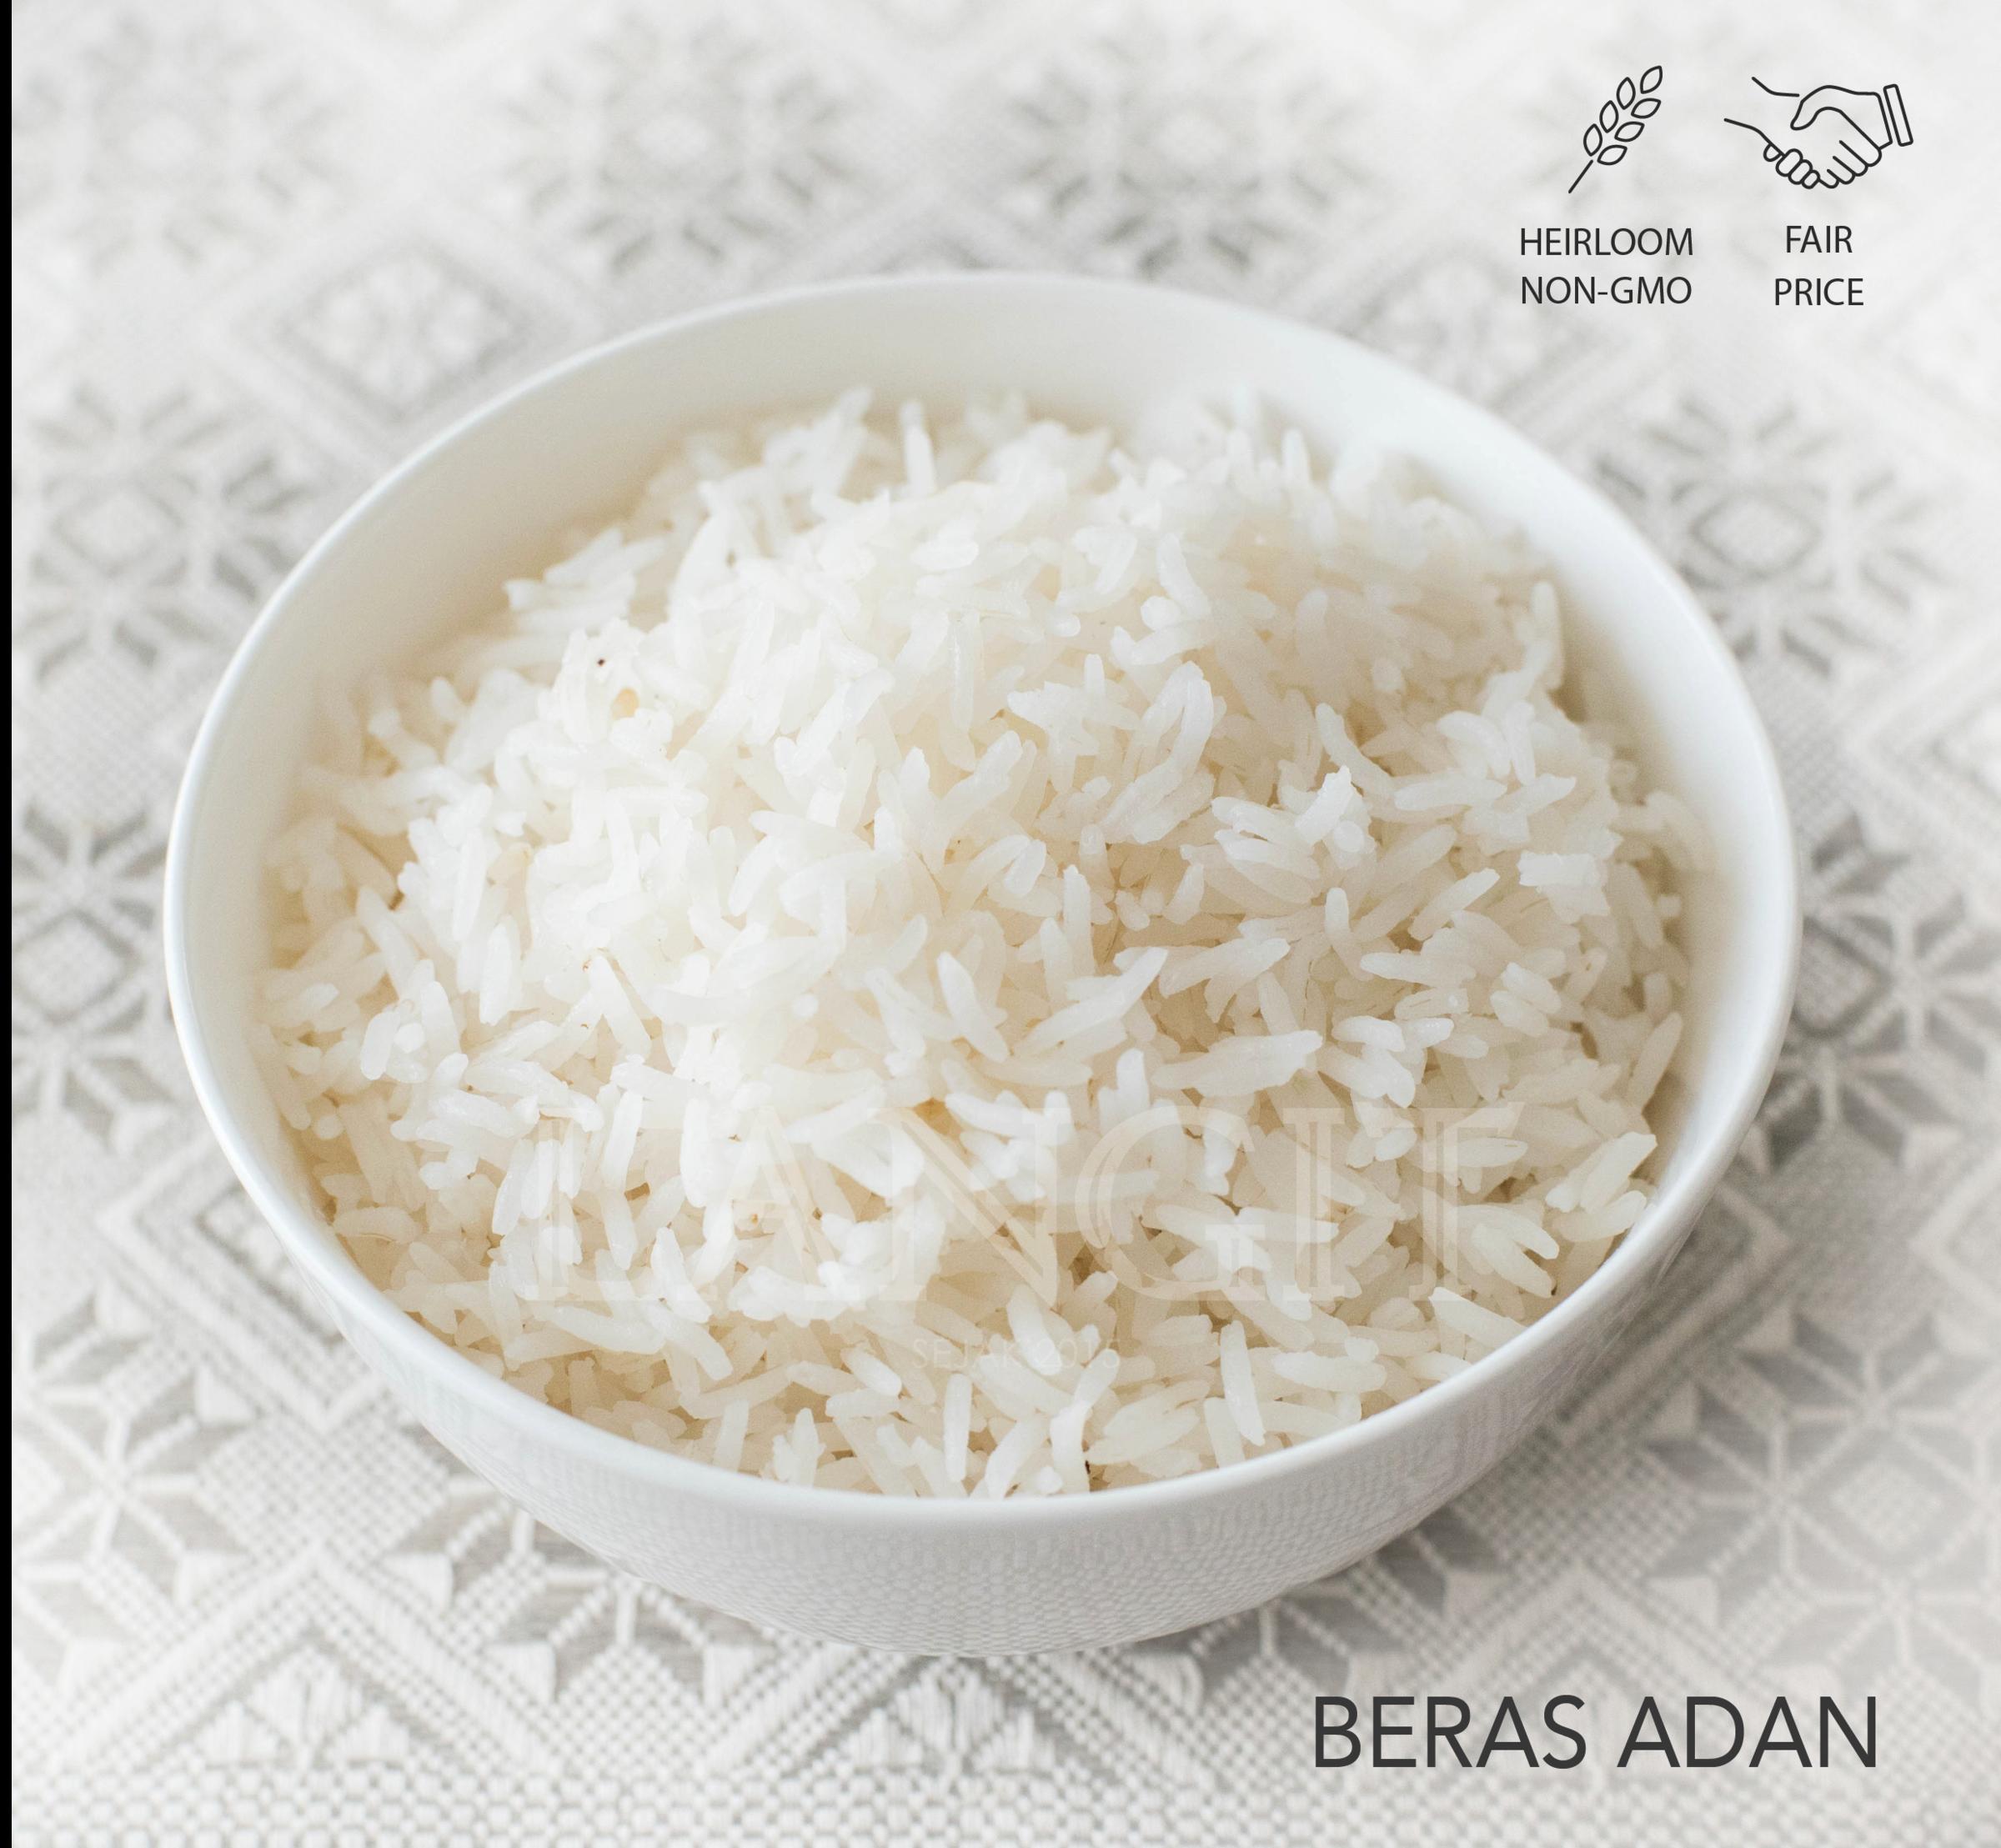 langit collective beras adan white rice